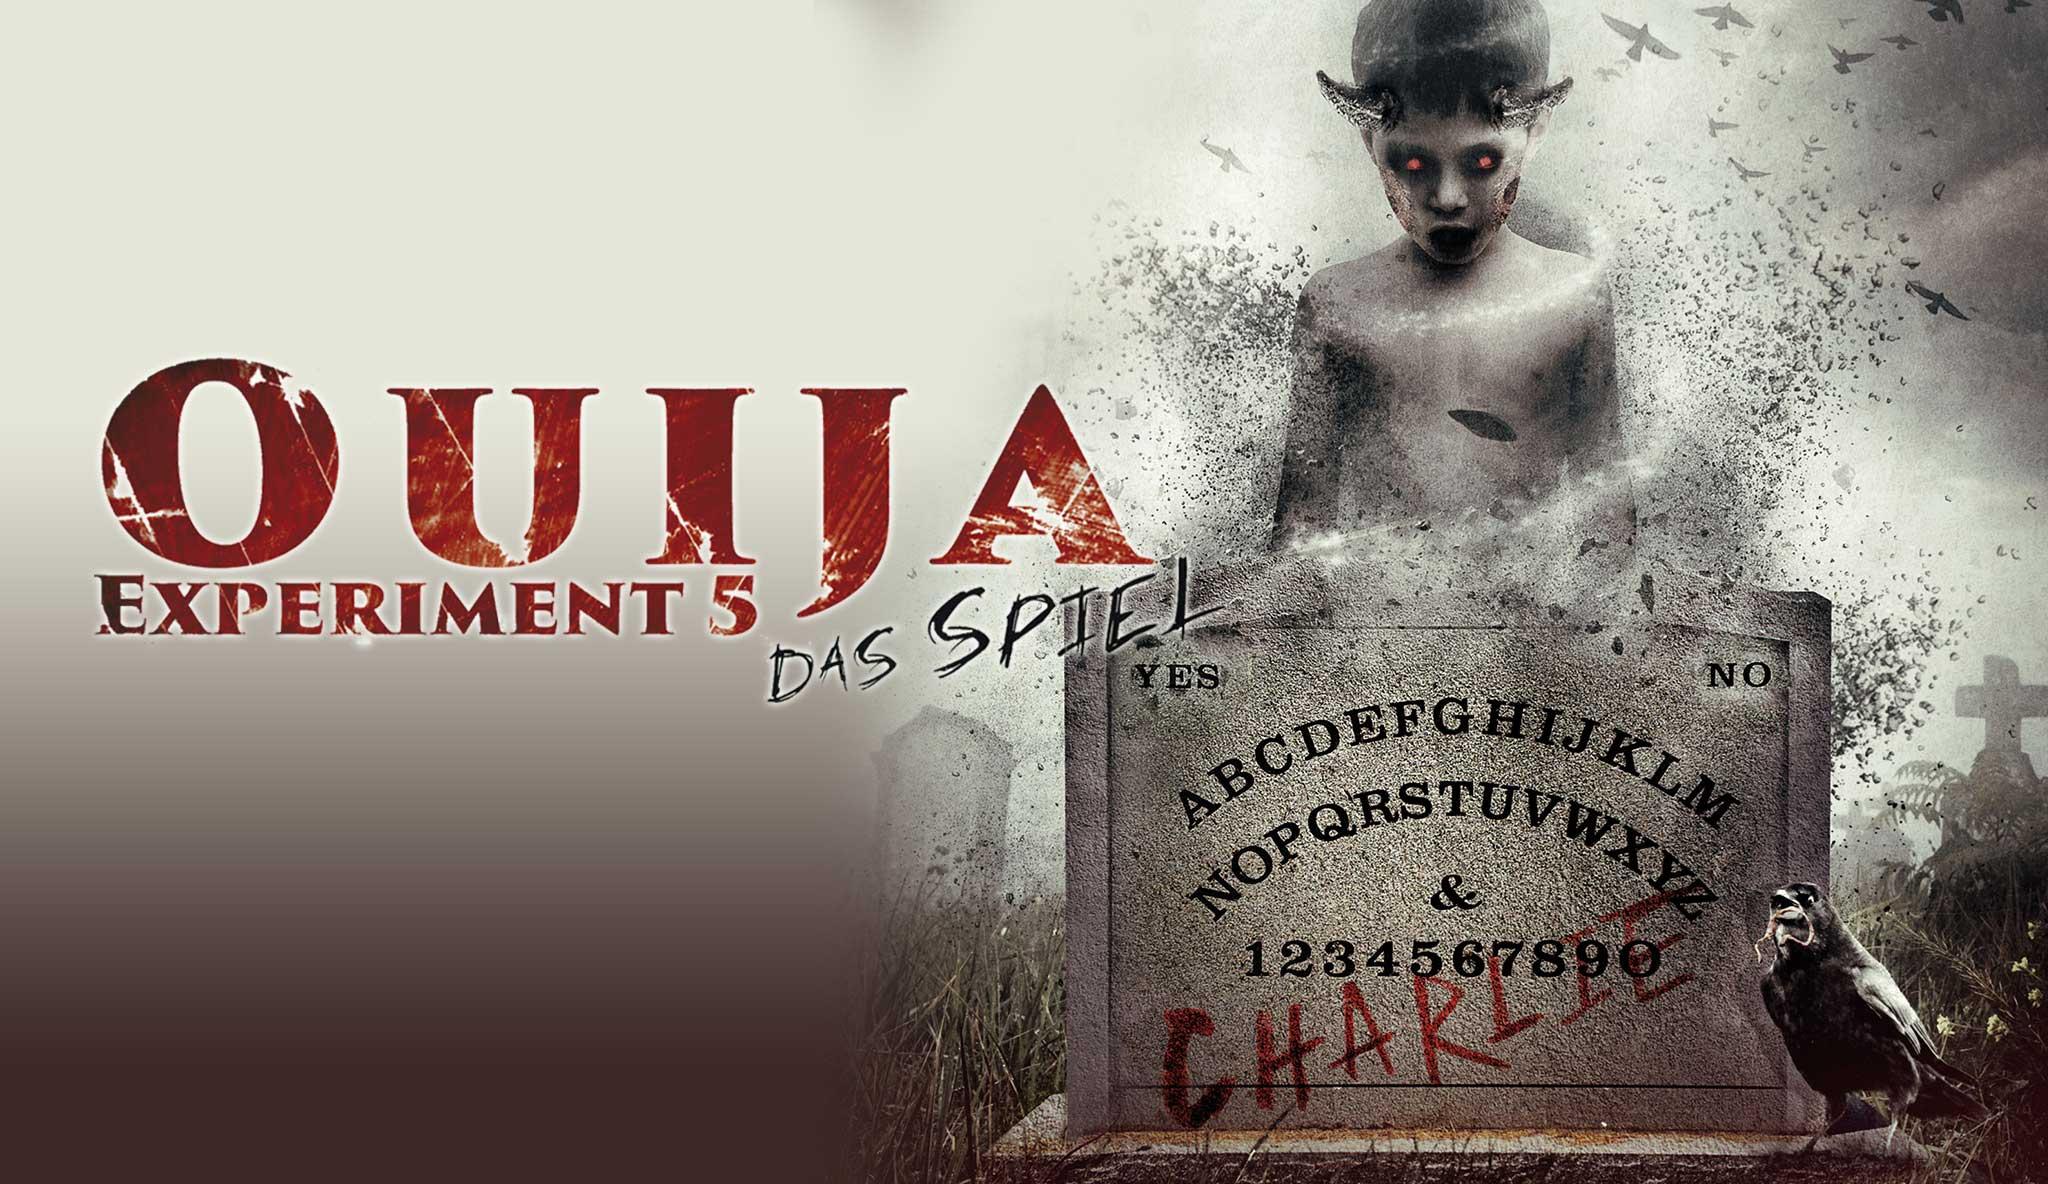 ouija-experiment-5-das-spiel\header.jpg